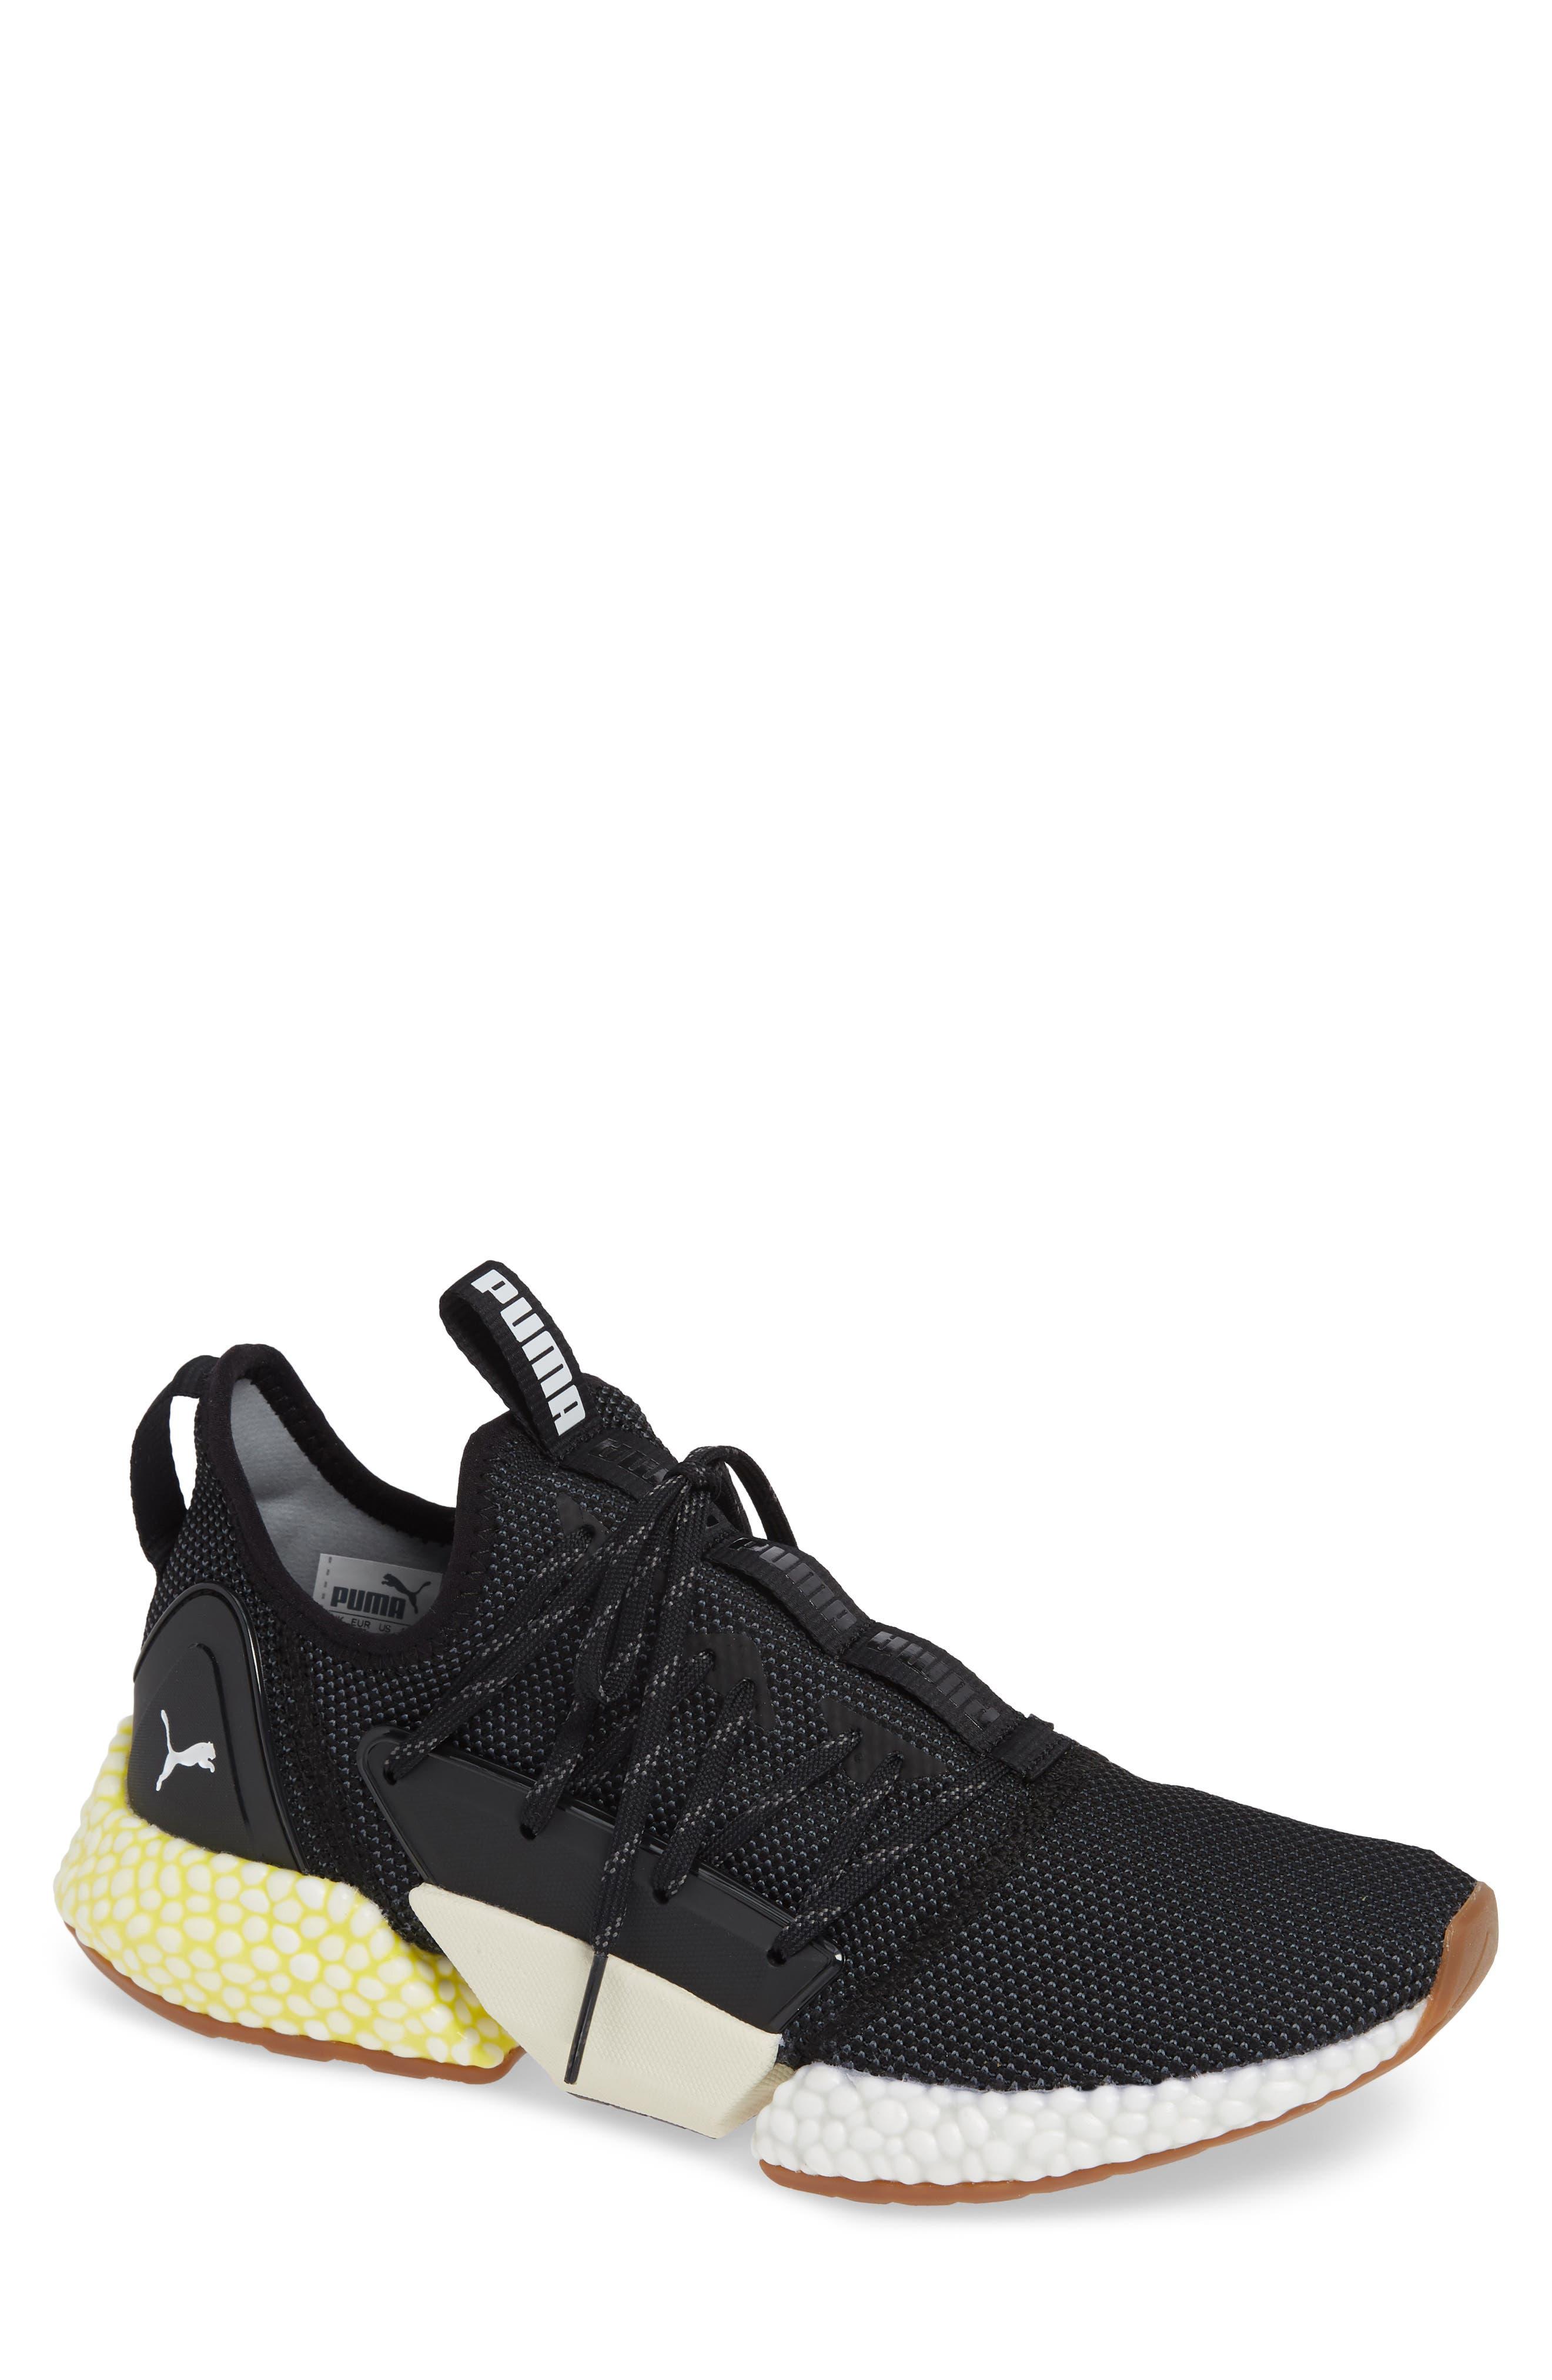 Hybrid Rocket Runner Sneaker,                             Main thumbnail 1, color,                             BLACK/ WHITE/ BLAZING YELLOW